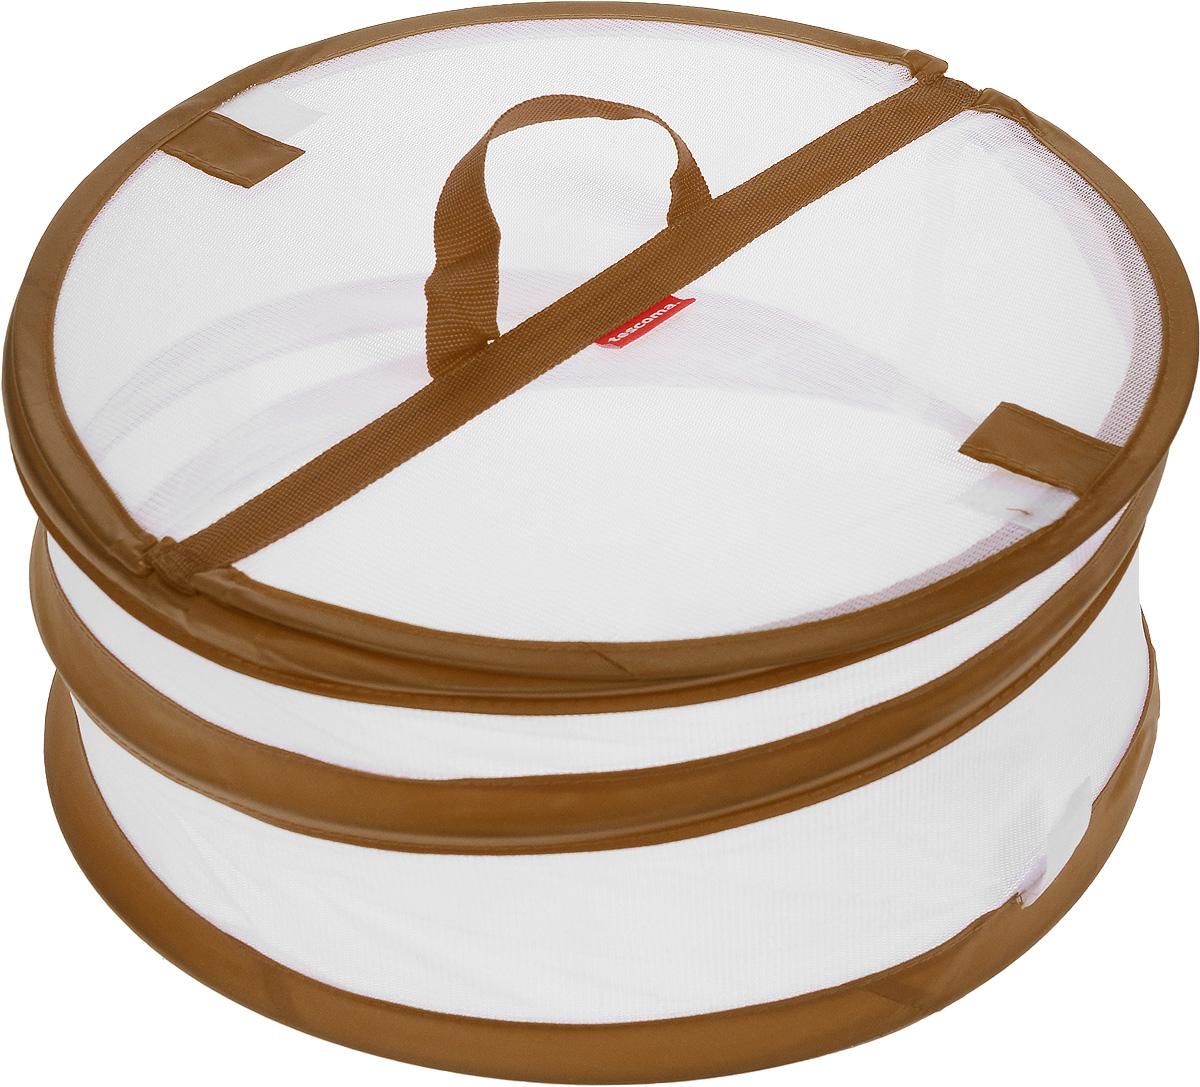 Крышка для пищевых продуктов Tescoma Delicia, складная, цвет: белый, коричневый, диаметр 30 см630850Крышка для пищевых продуктов Tescoma Delicia защитит еду от пыли и насекомых дома и на открытом воздухе. Крышка изготовлена из сетчатого текстиля и оснащена гибким металлическим каркасом. Просто составьте посуду с едой и накройте ее крышкой. Для легкого доступа изделие снабжено откидным верхом на липучке. Крышка легко складывается и раскладывается, при хранении занимает минимум пространства. Высота в разложенном виде: 15 см. Высота в сложенном виде: 1 см.